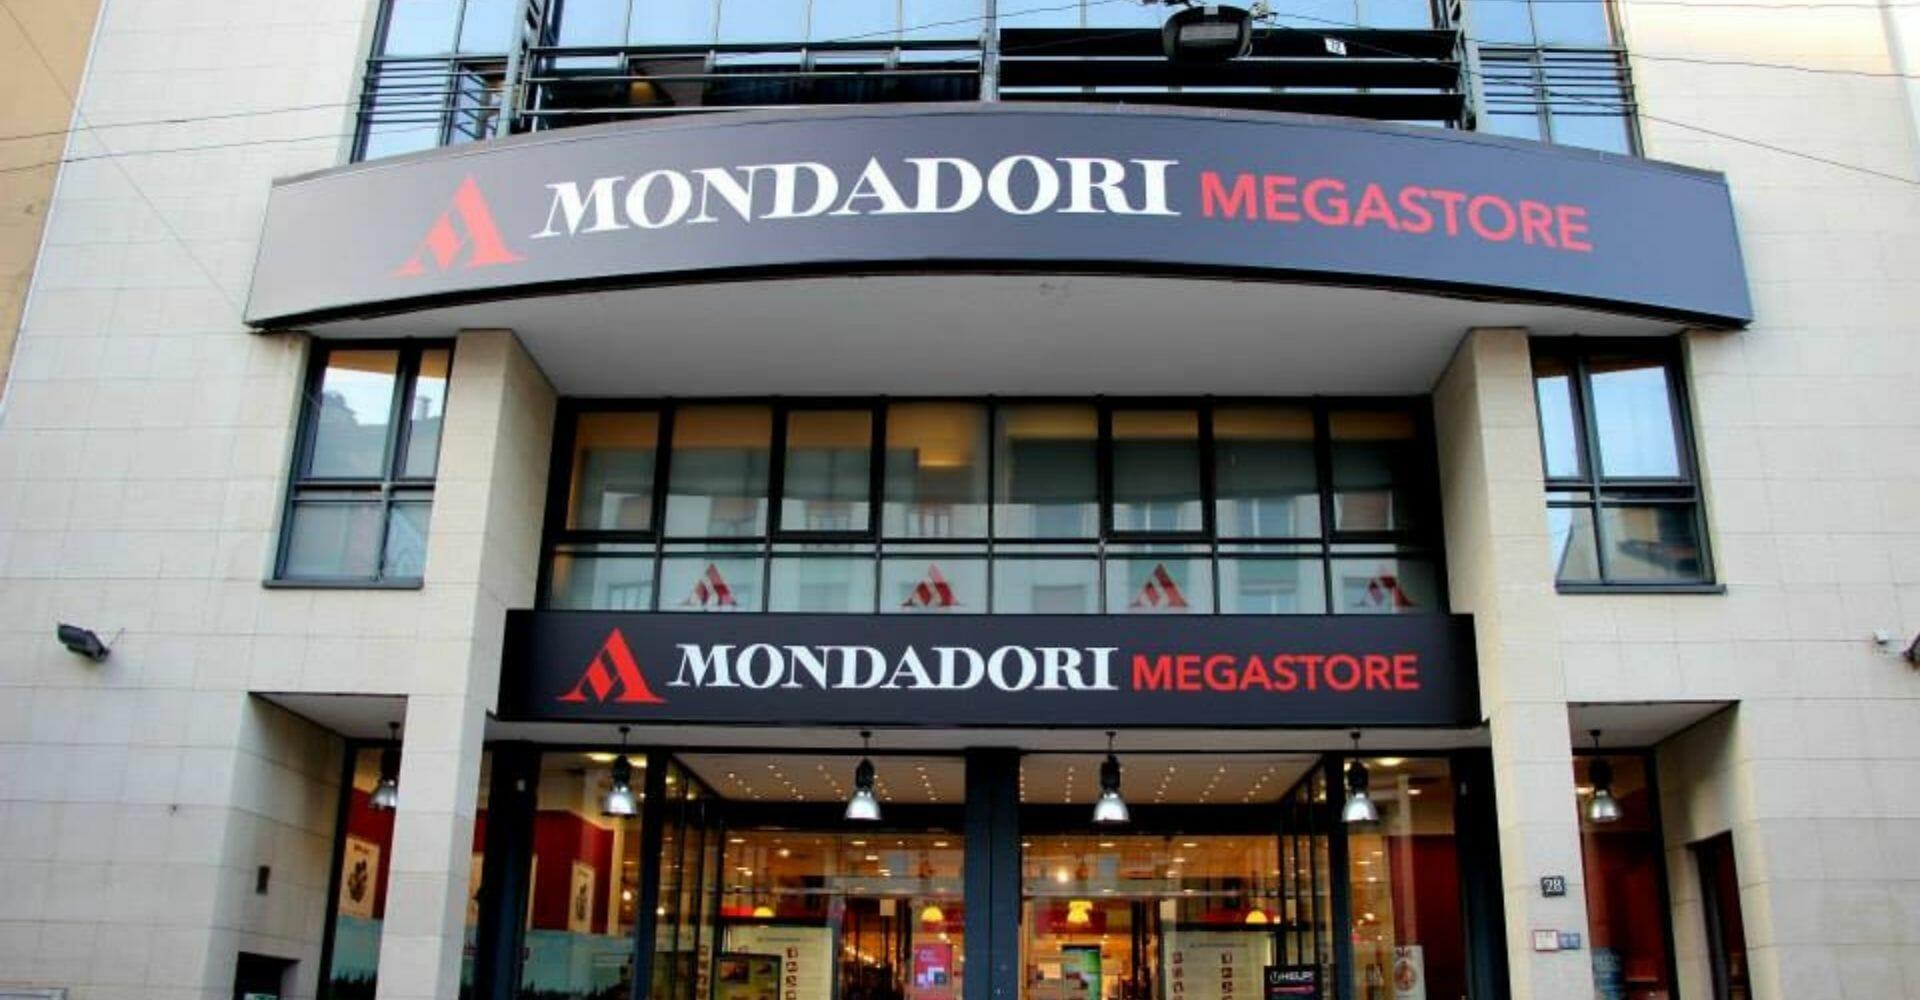 Mondadori chiude a Milano il megastore di via Marghera. Ma apre nuove librerie